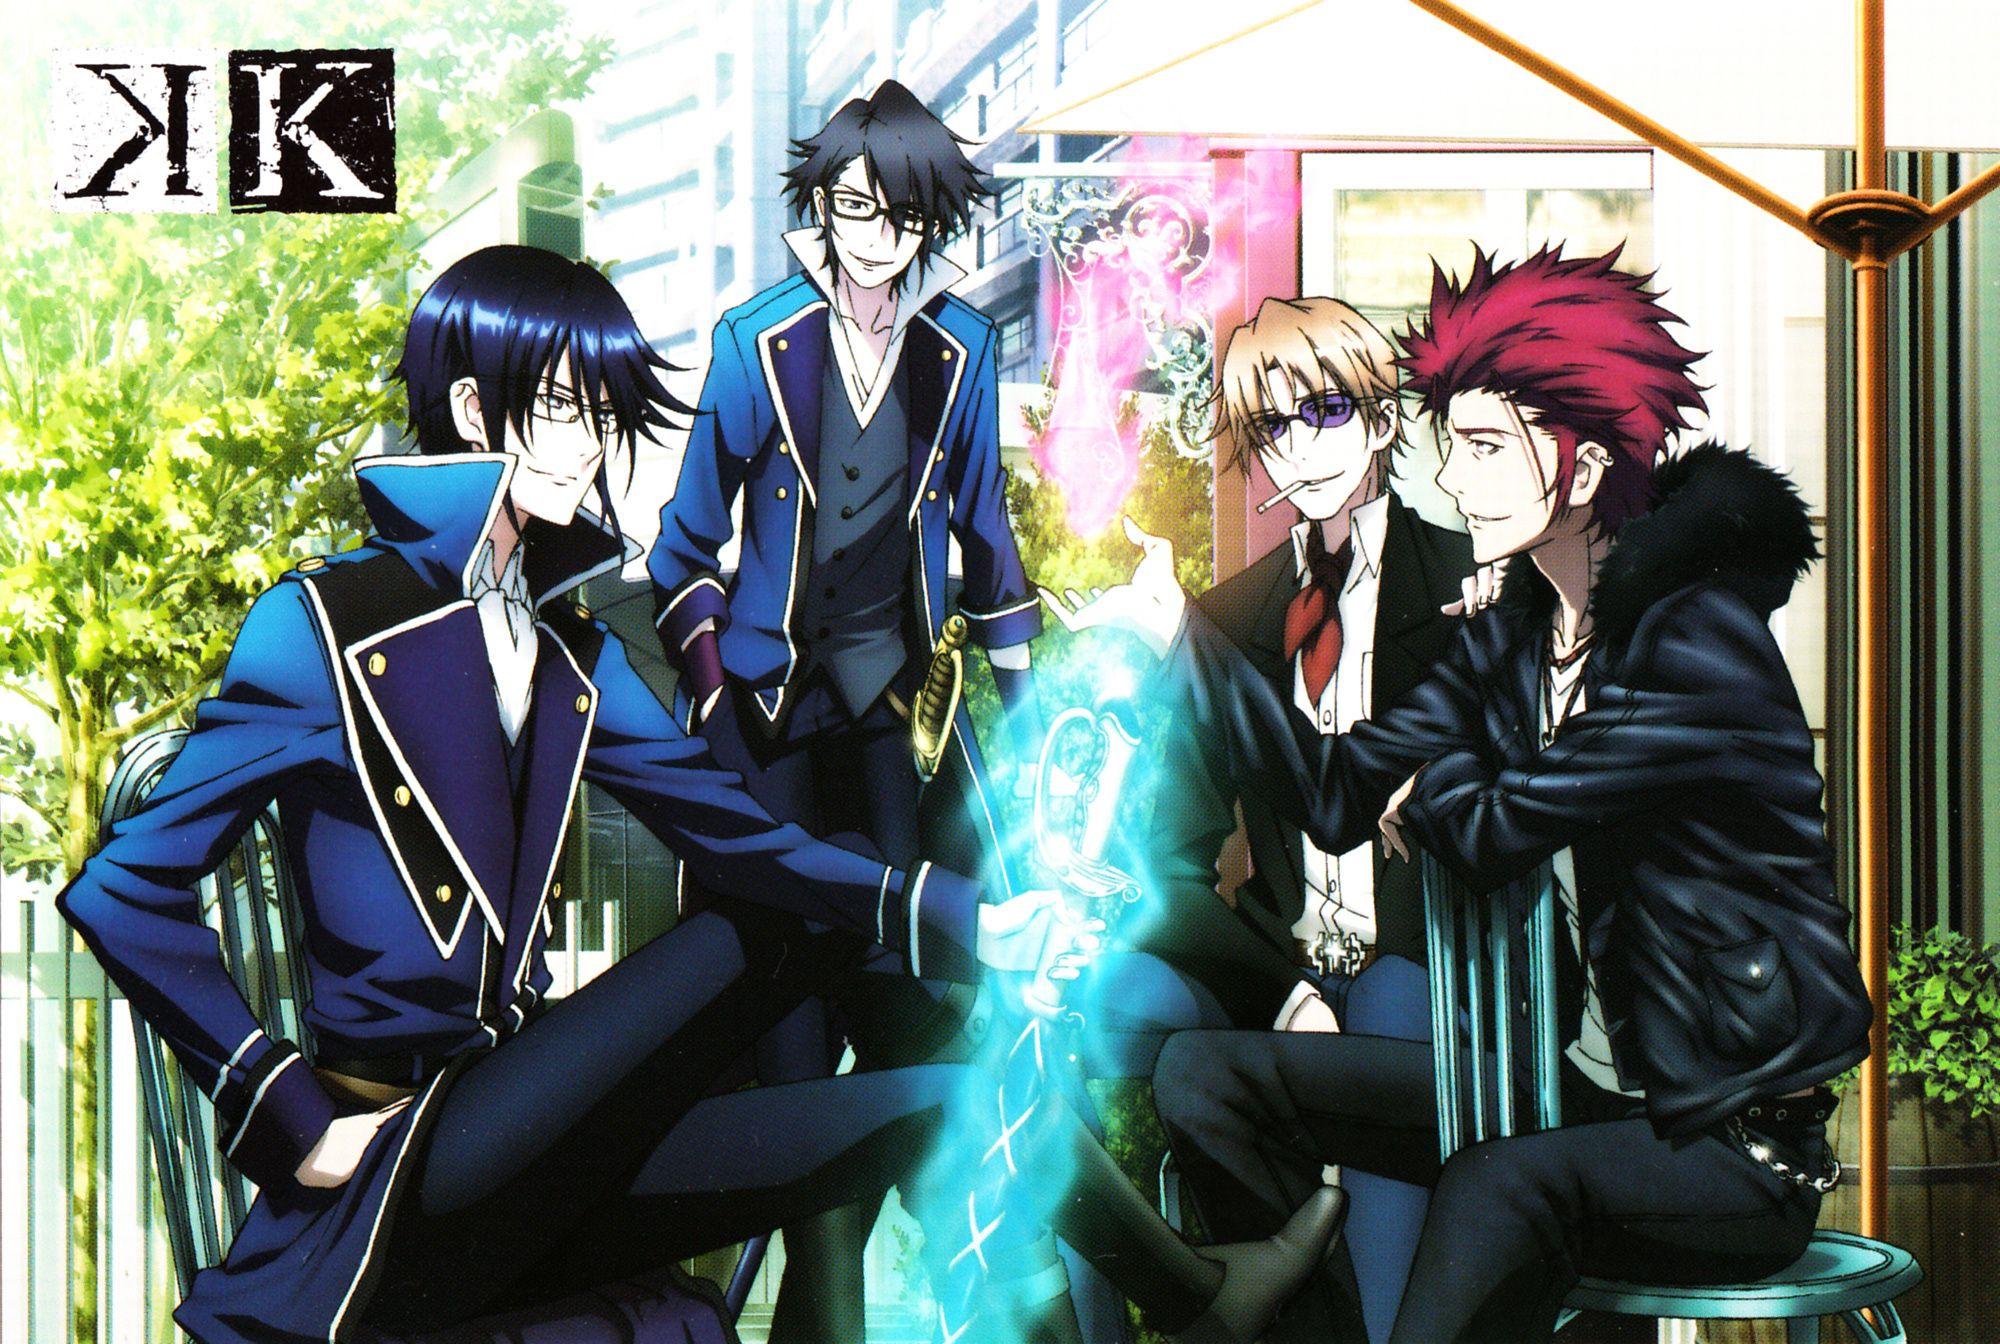 K Wallpapers Download Group Anime manga, Anime k, Manga